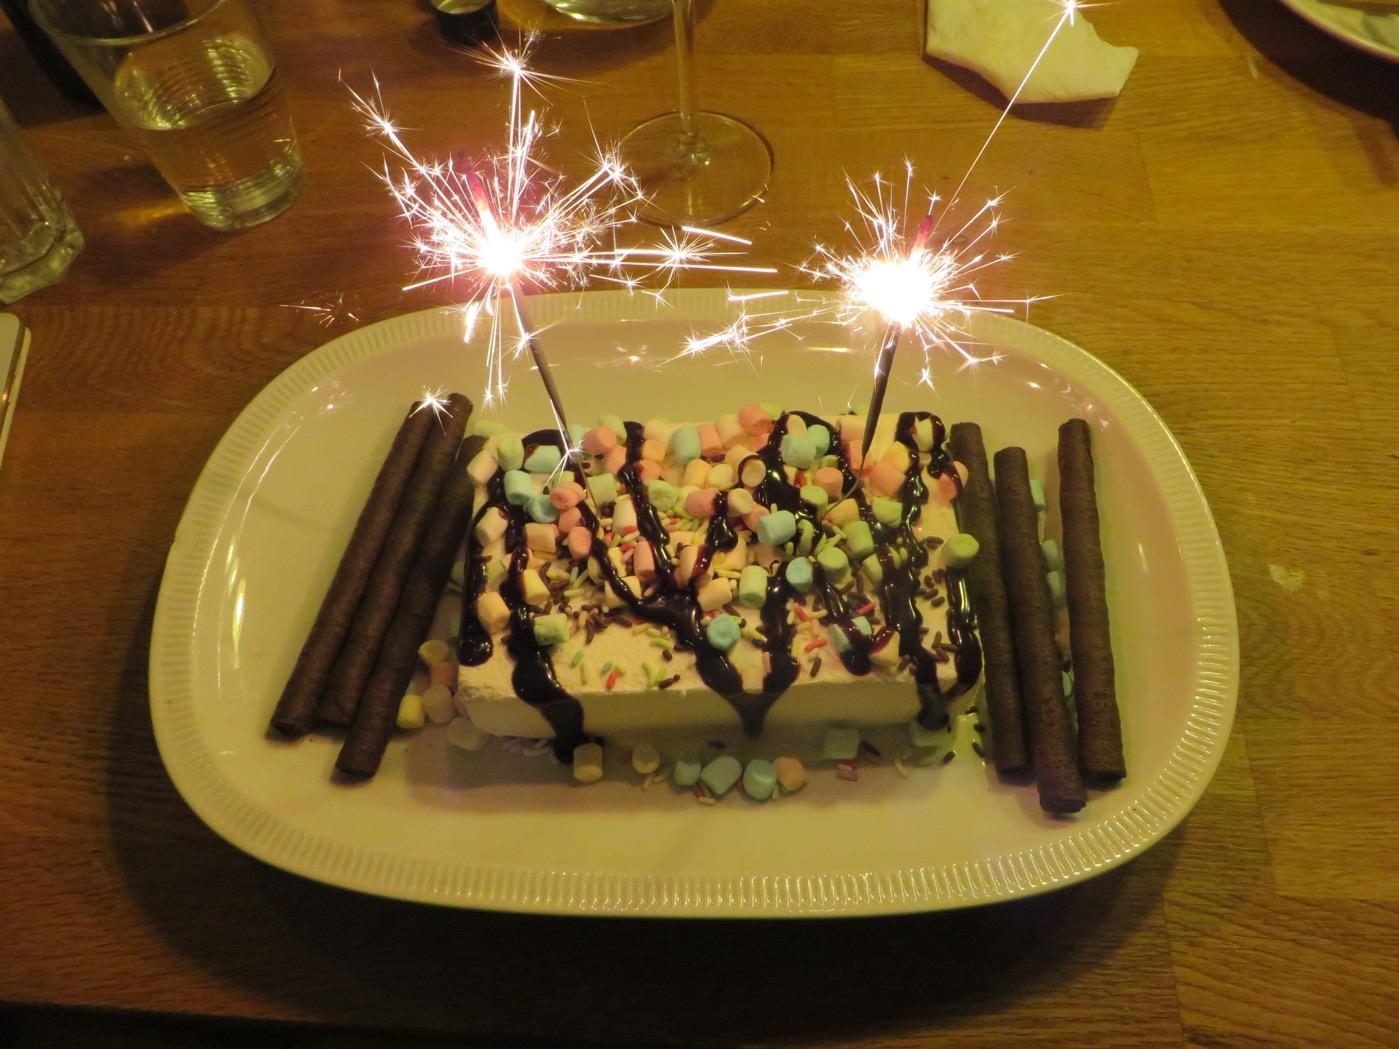 Pimpad glass blir en enkel men festlig, uppskattad och god efterrätt!